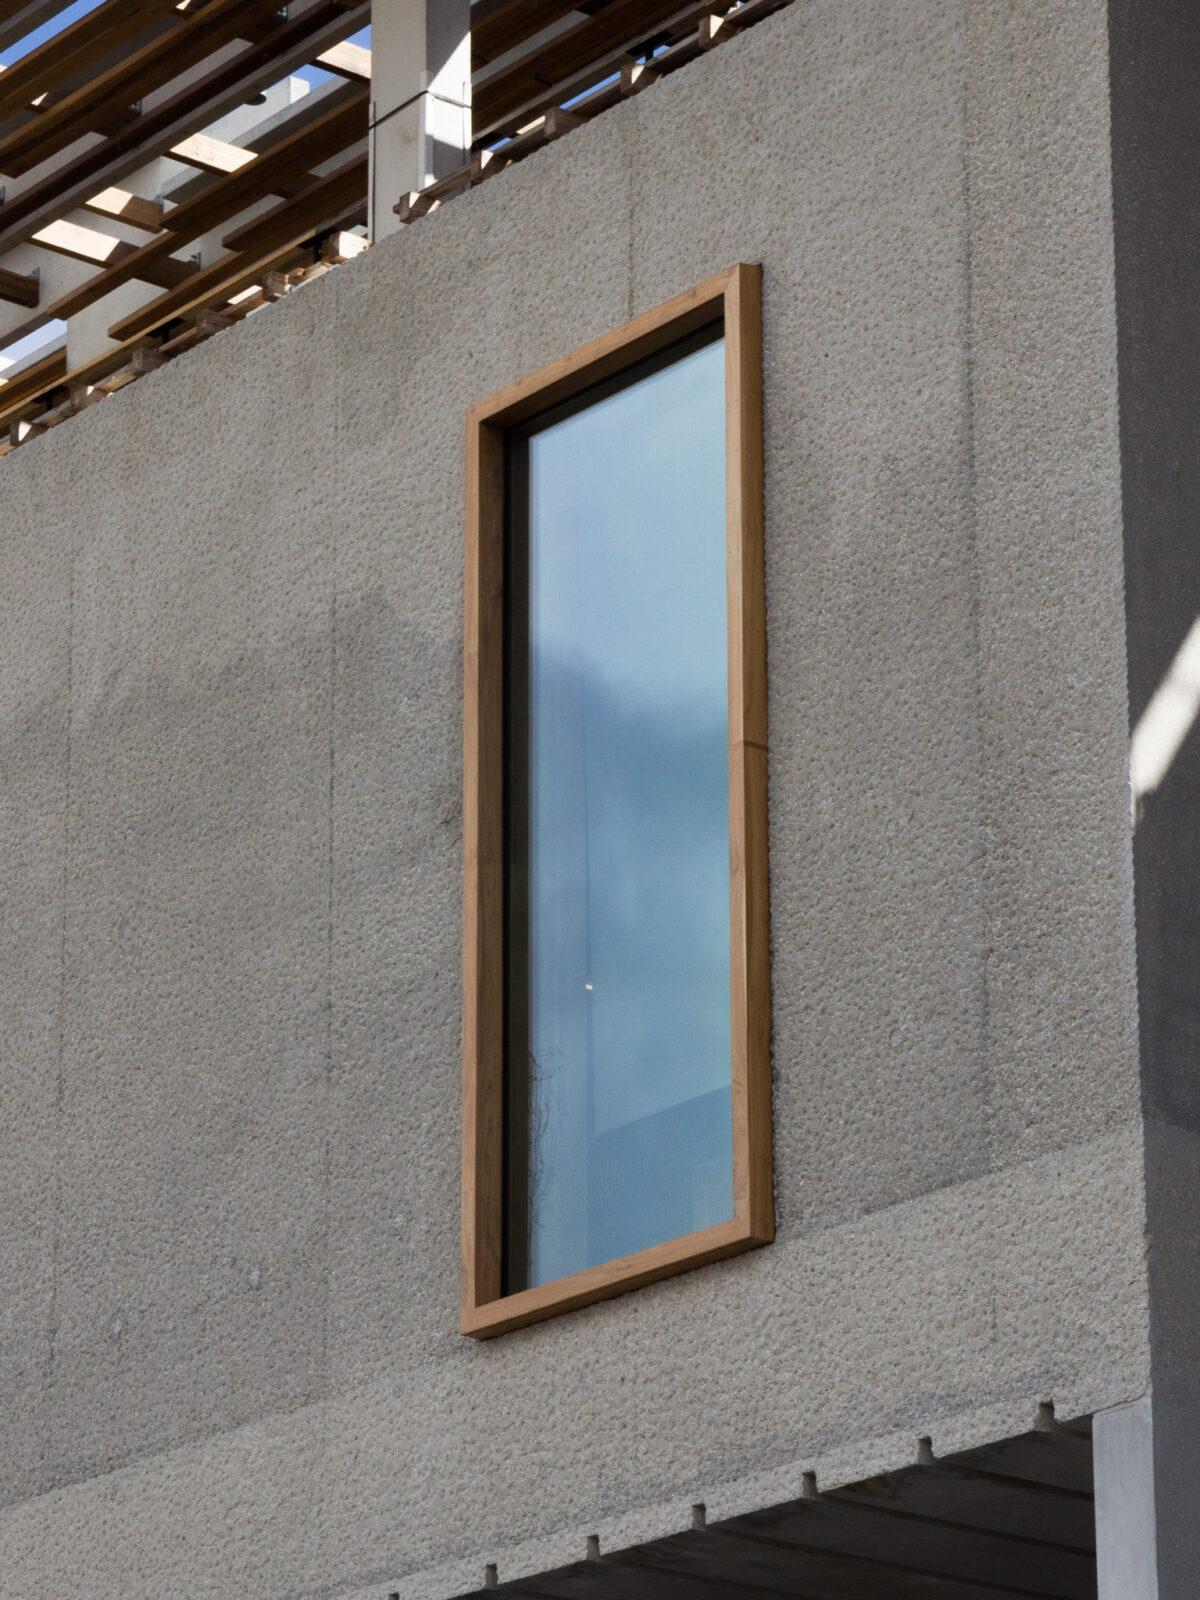 TEAK FIXED WINDOW